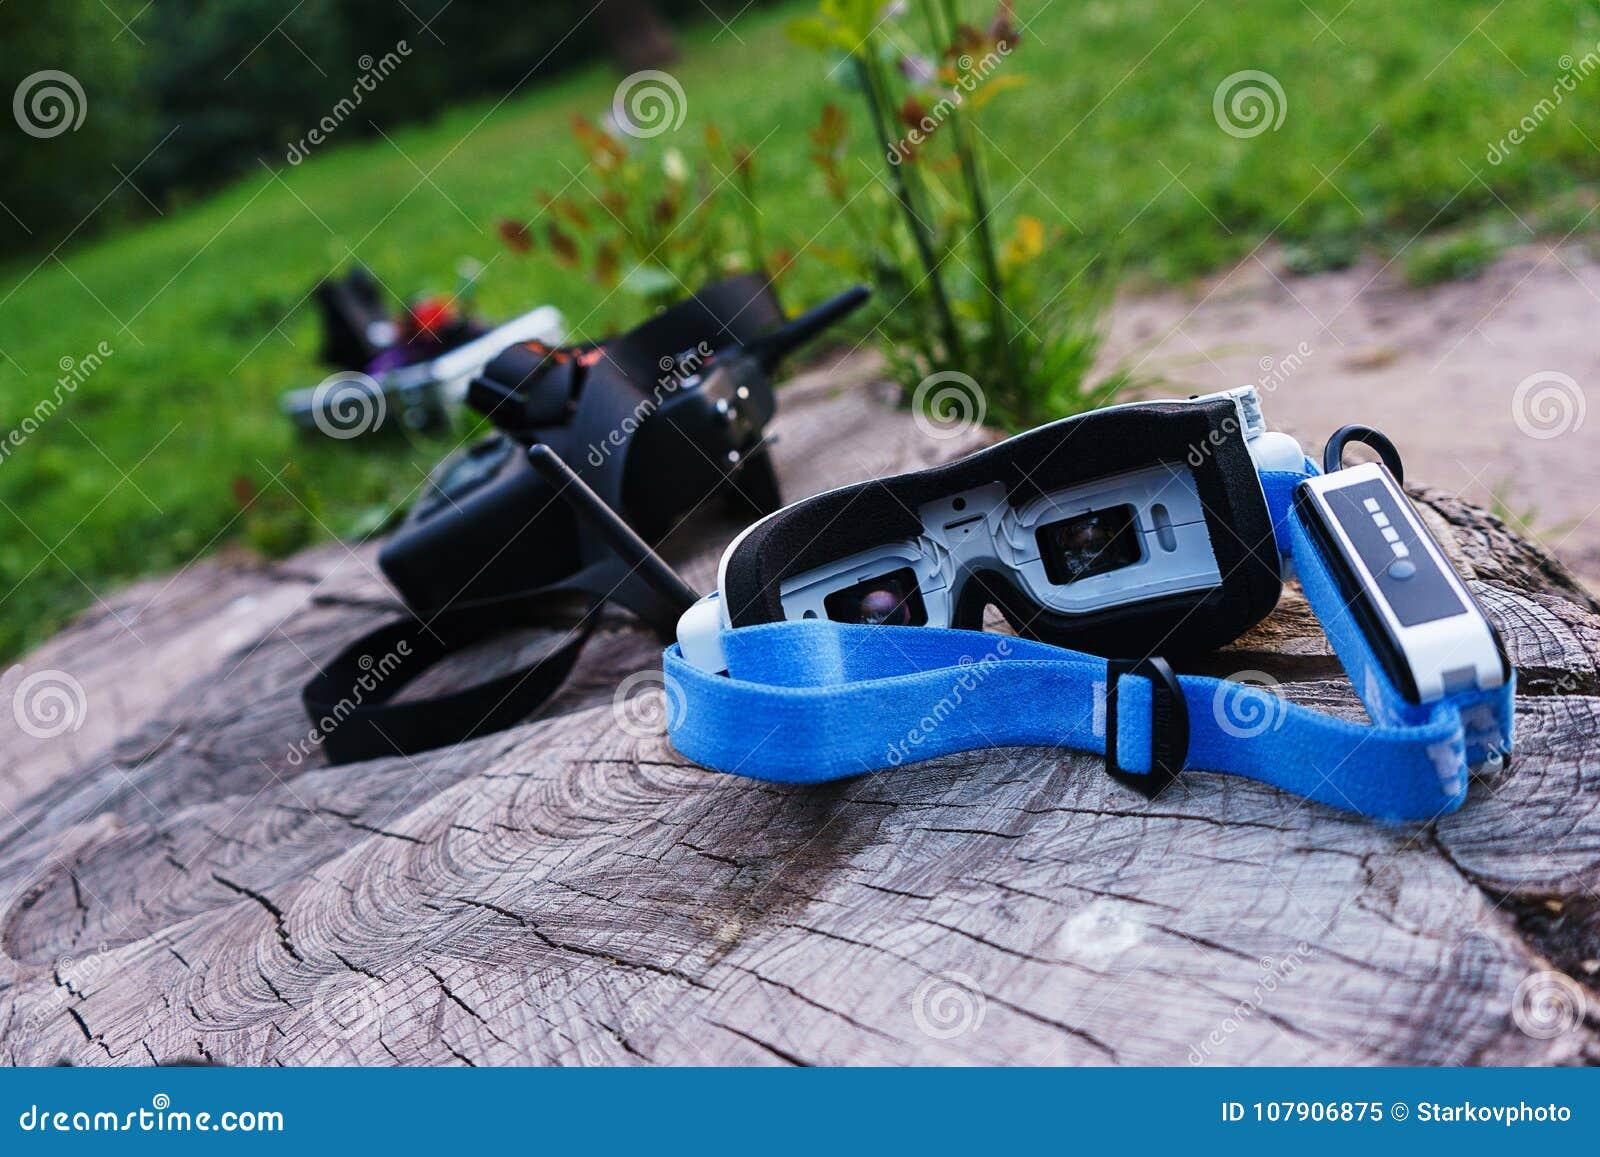 Videomonitorgläser zur vorbildlichen Steuerung und zu anderen spezielle Geräte zur Steuerung eines kontrollierten Sportradiobrumm